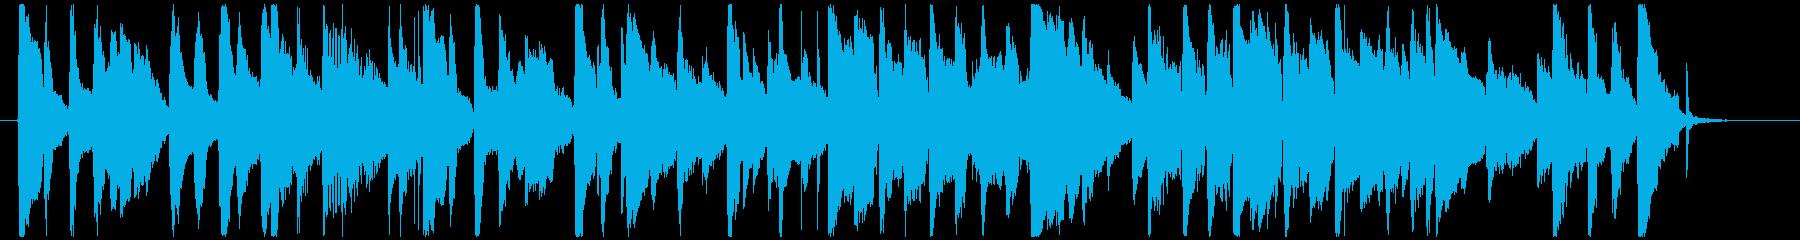 レトロなブルースBGMの再生済みの波形